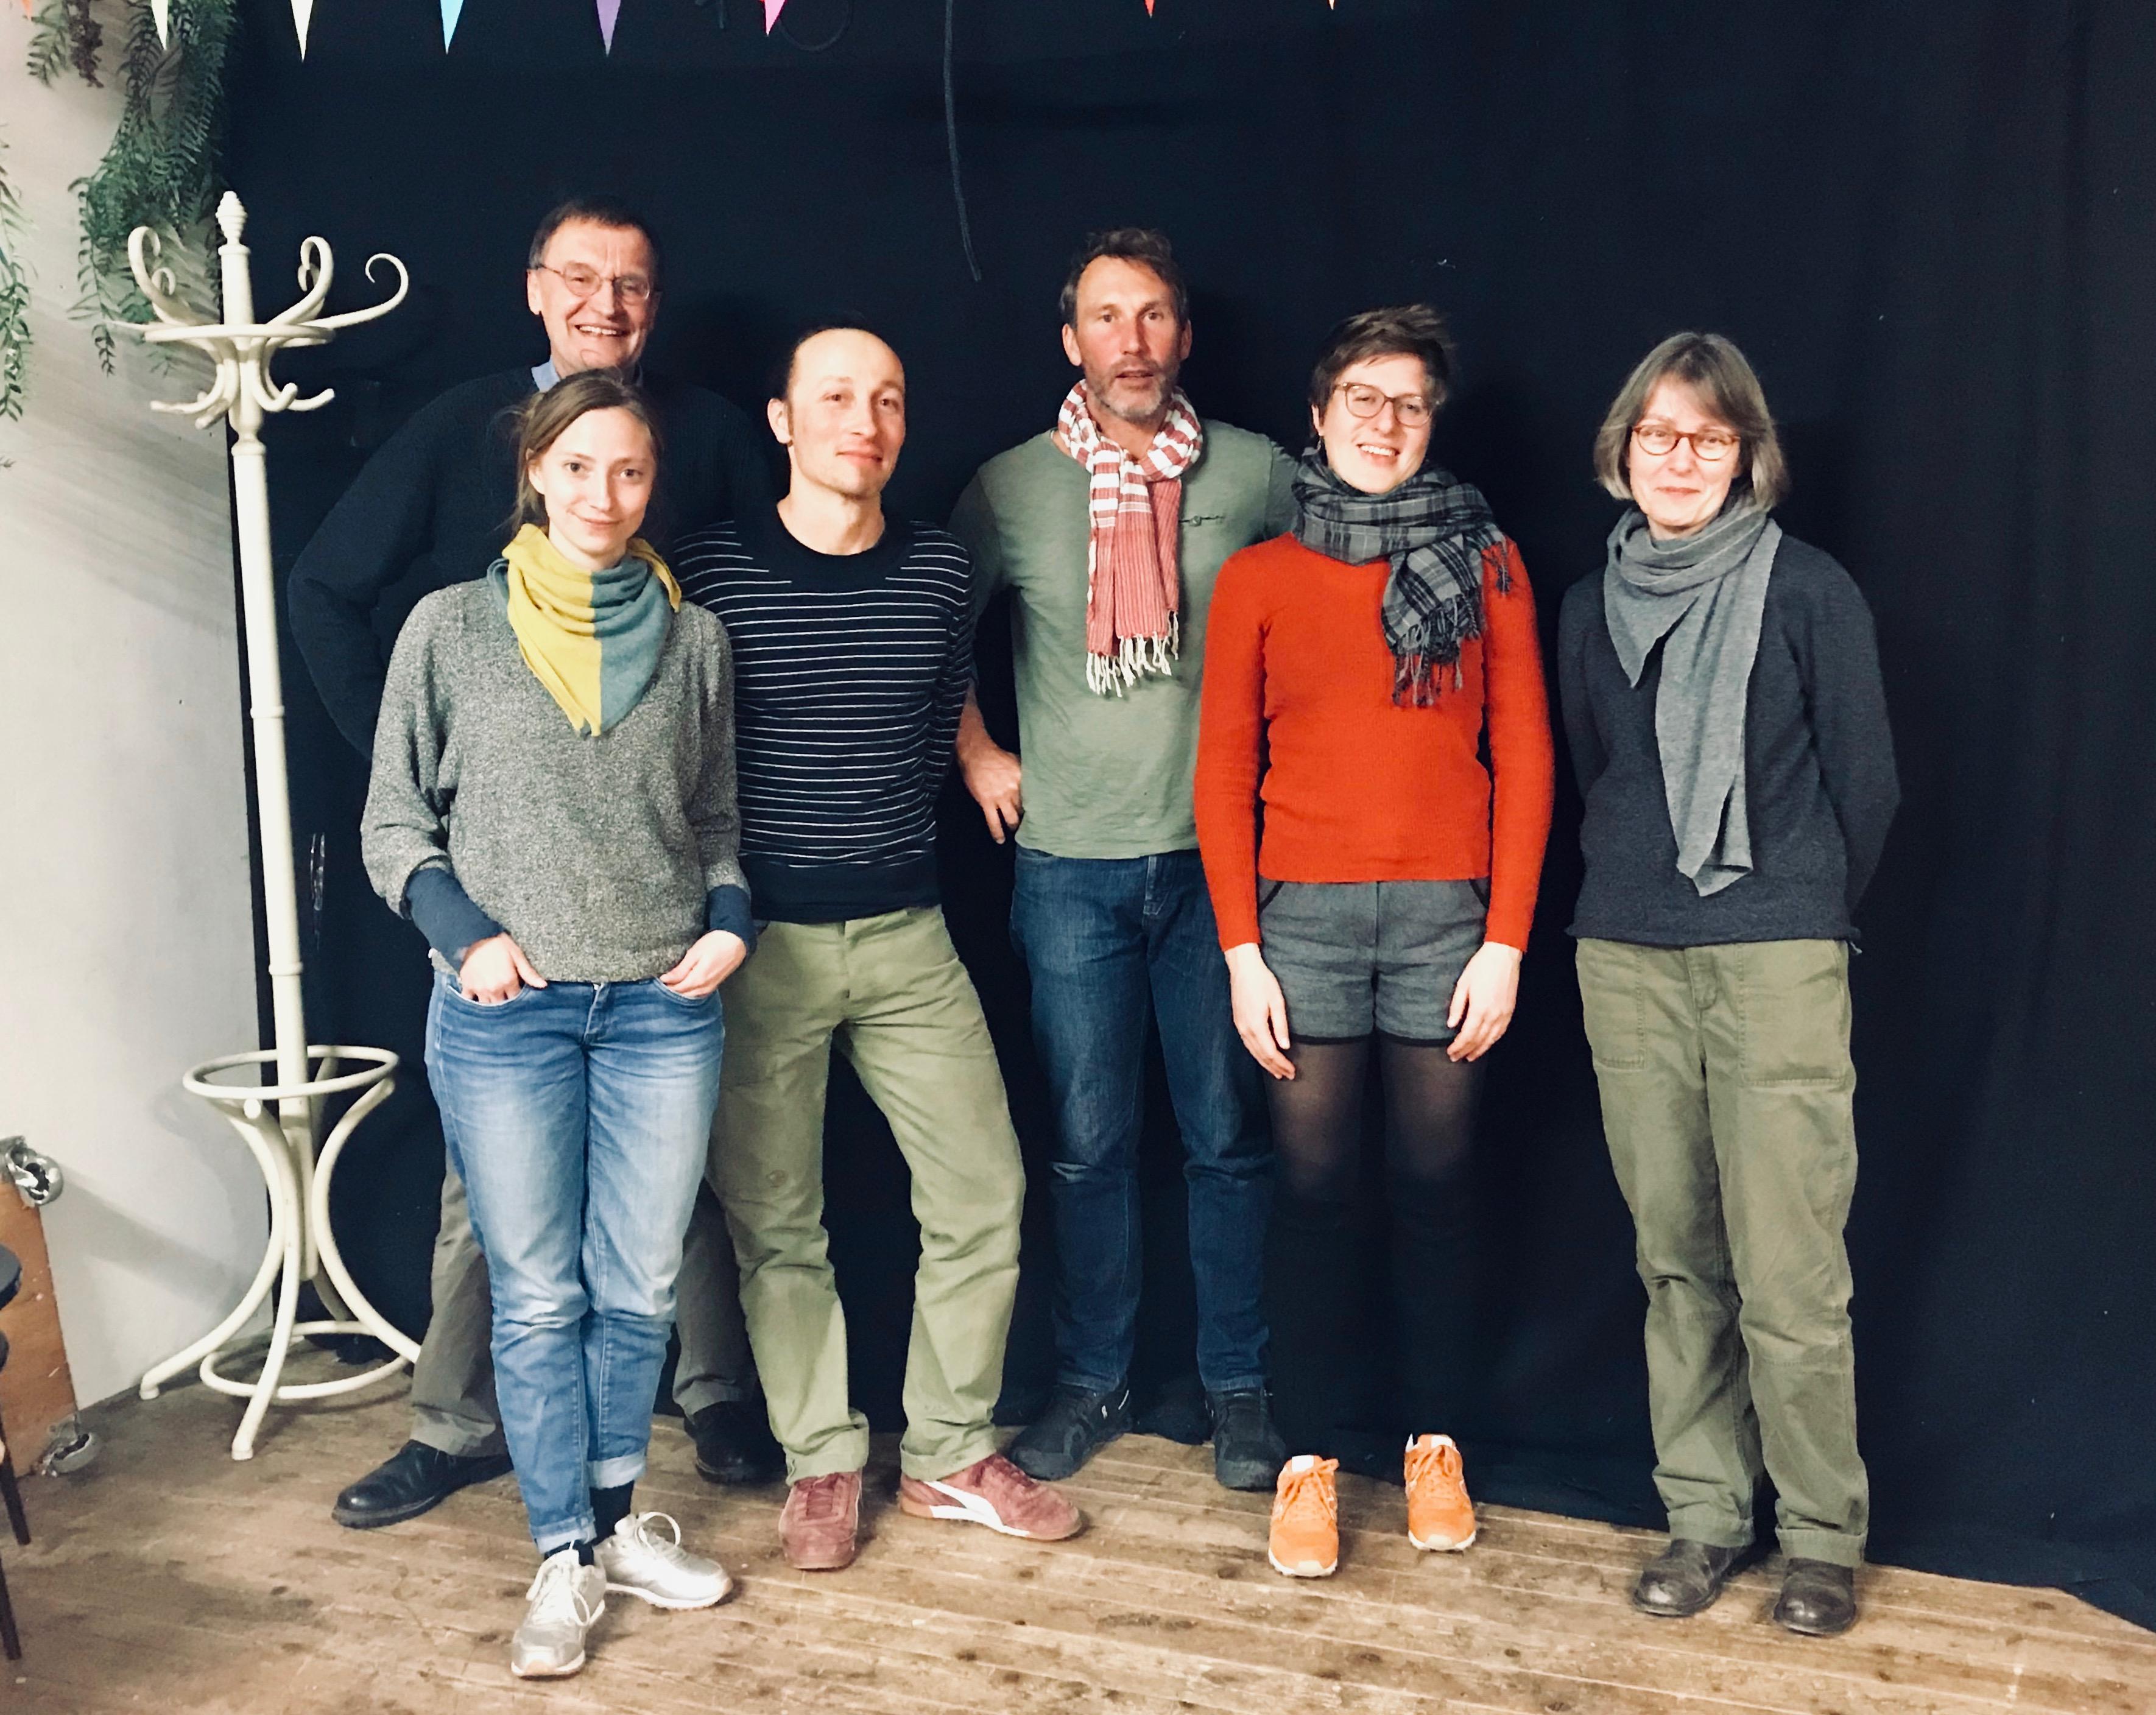 Vorstand Zirkusquartier Zürich seit 2019